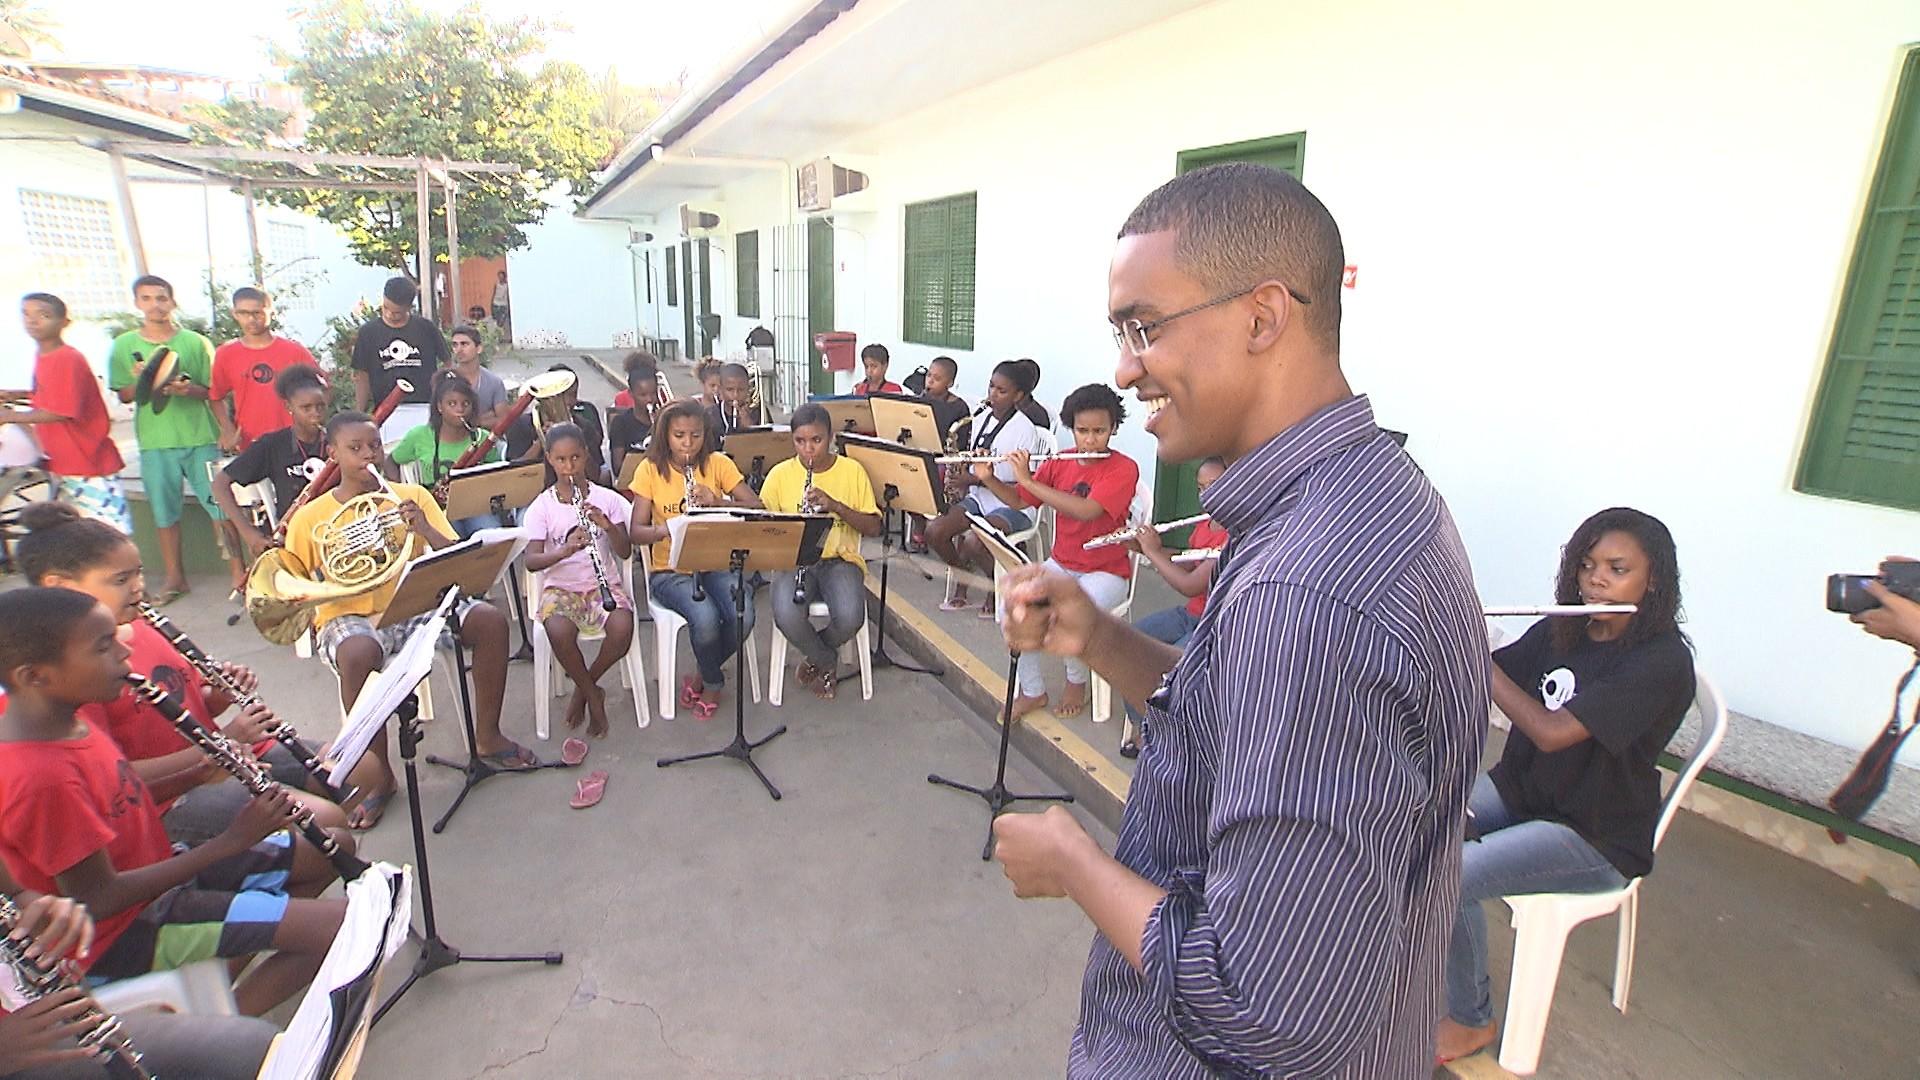 Jovens do Bairro da Paz aprendem a tocar instrumentos como oboé e fogote (Foto: Divulgação)